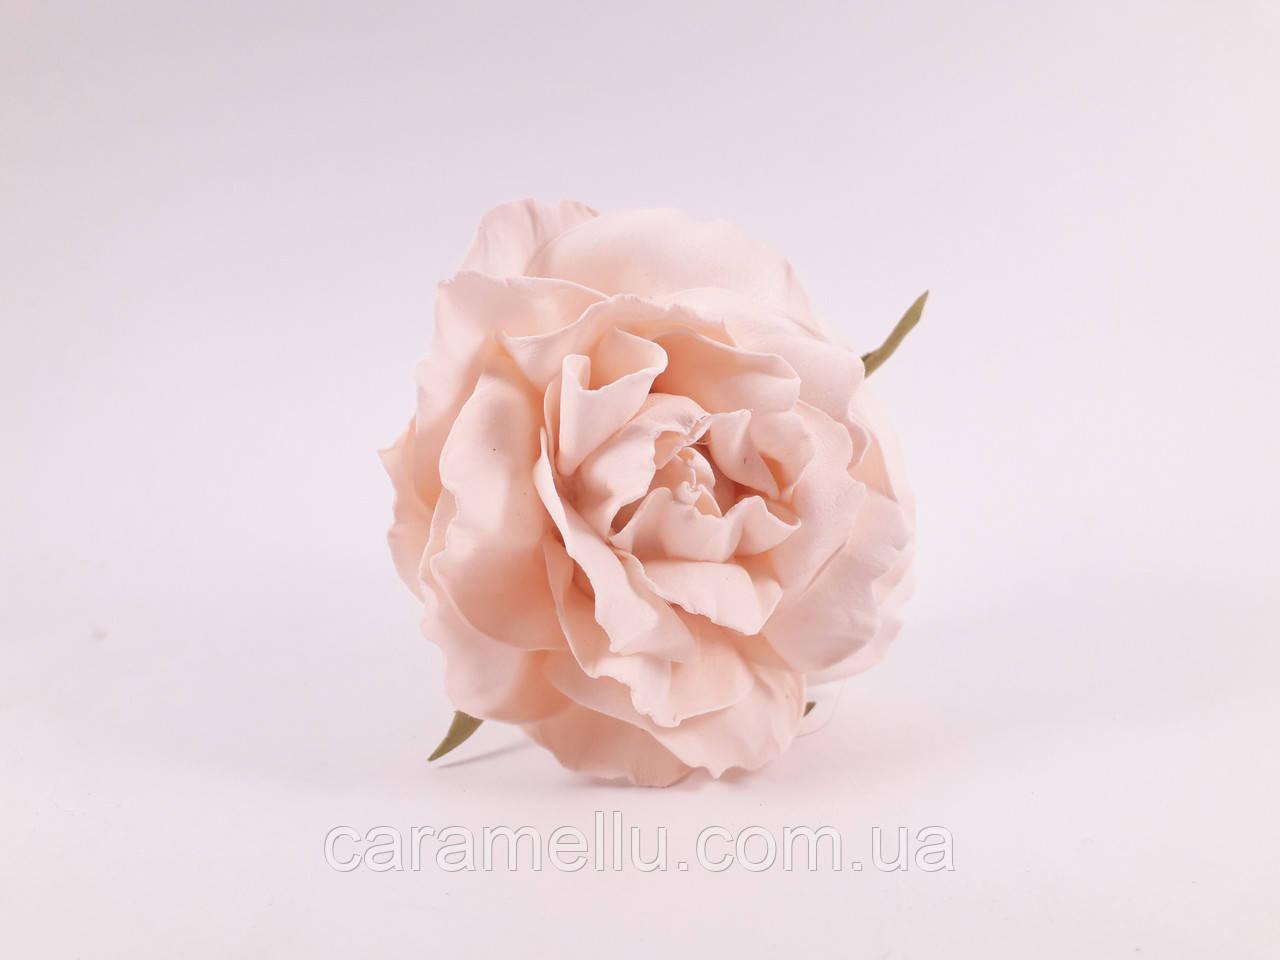 Роза искусственная из фоамирана(латекса). Цвет персиковый.